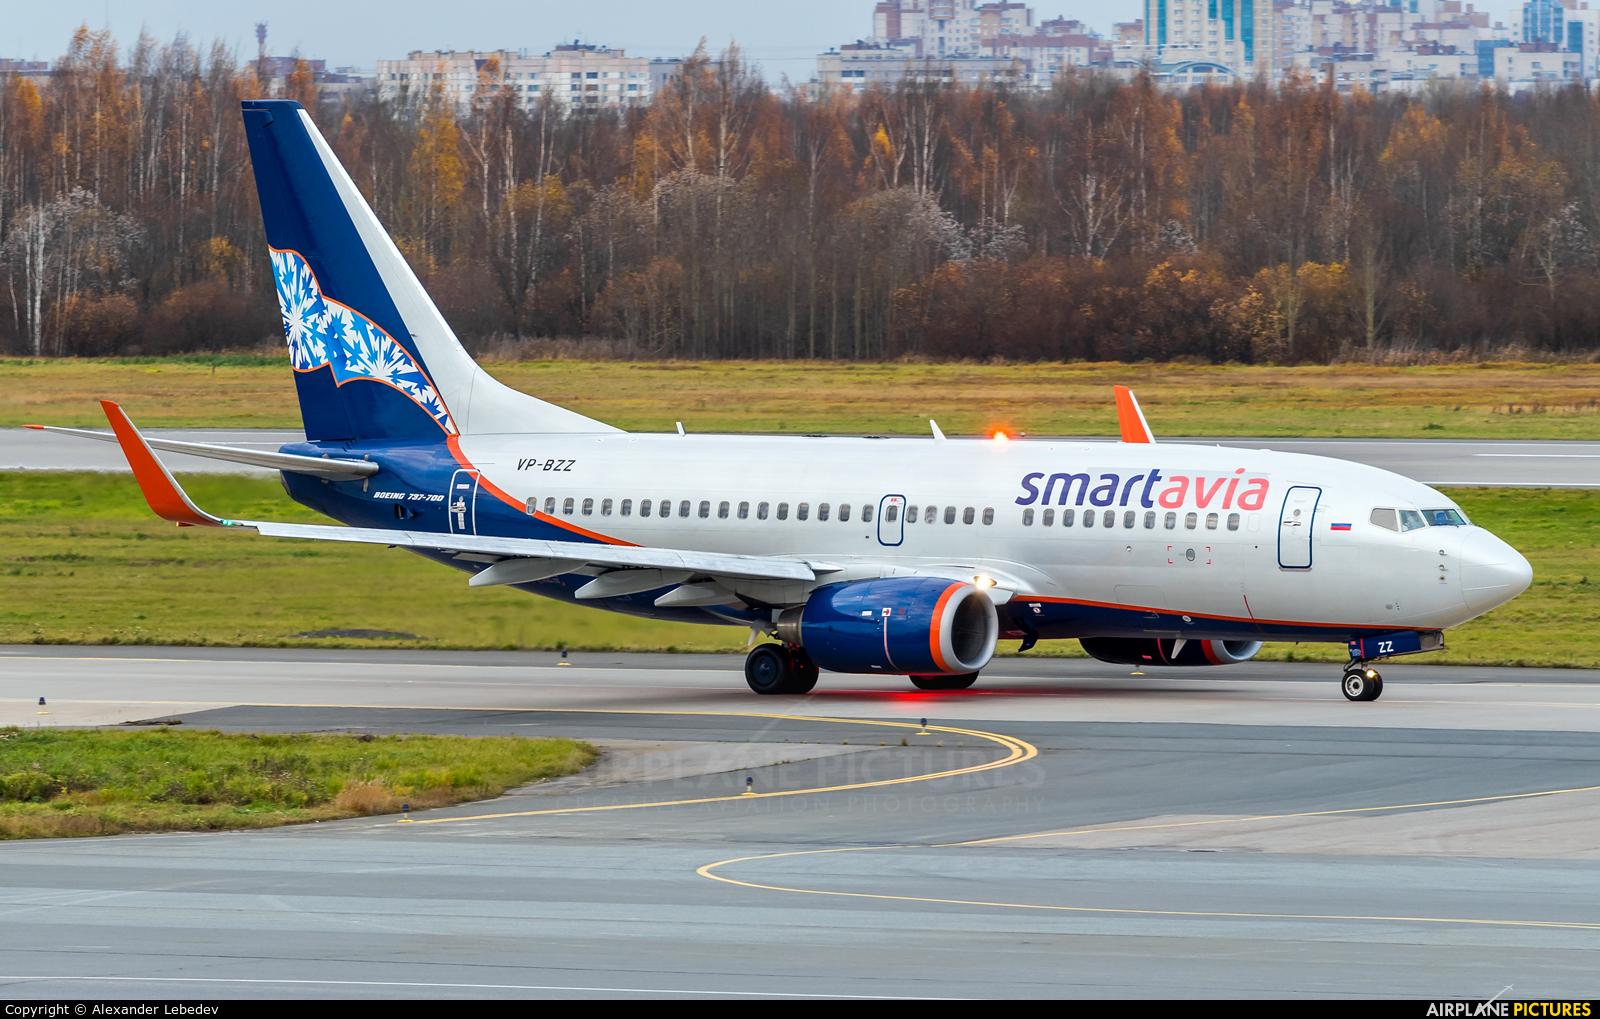 Smartavia VP-BZZ aircraft at St. Petersburg - Pulkovo